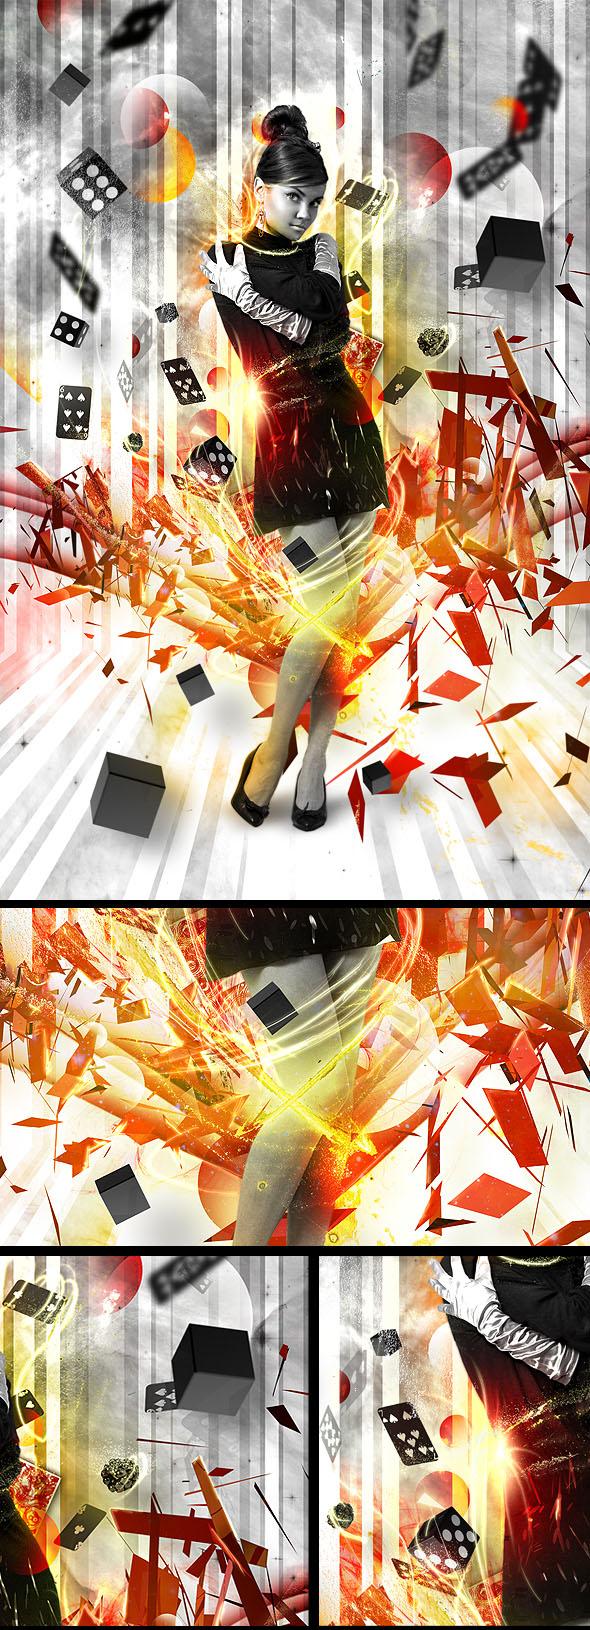 fire12 Fire in Digital Art: Inspiration & Tutorials